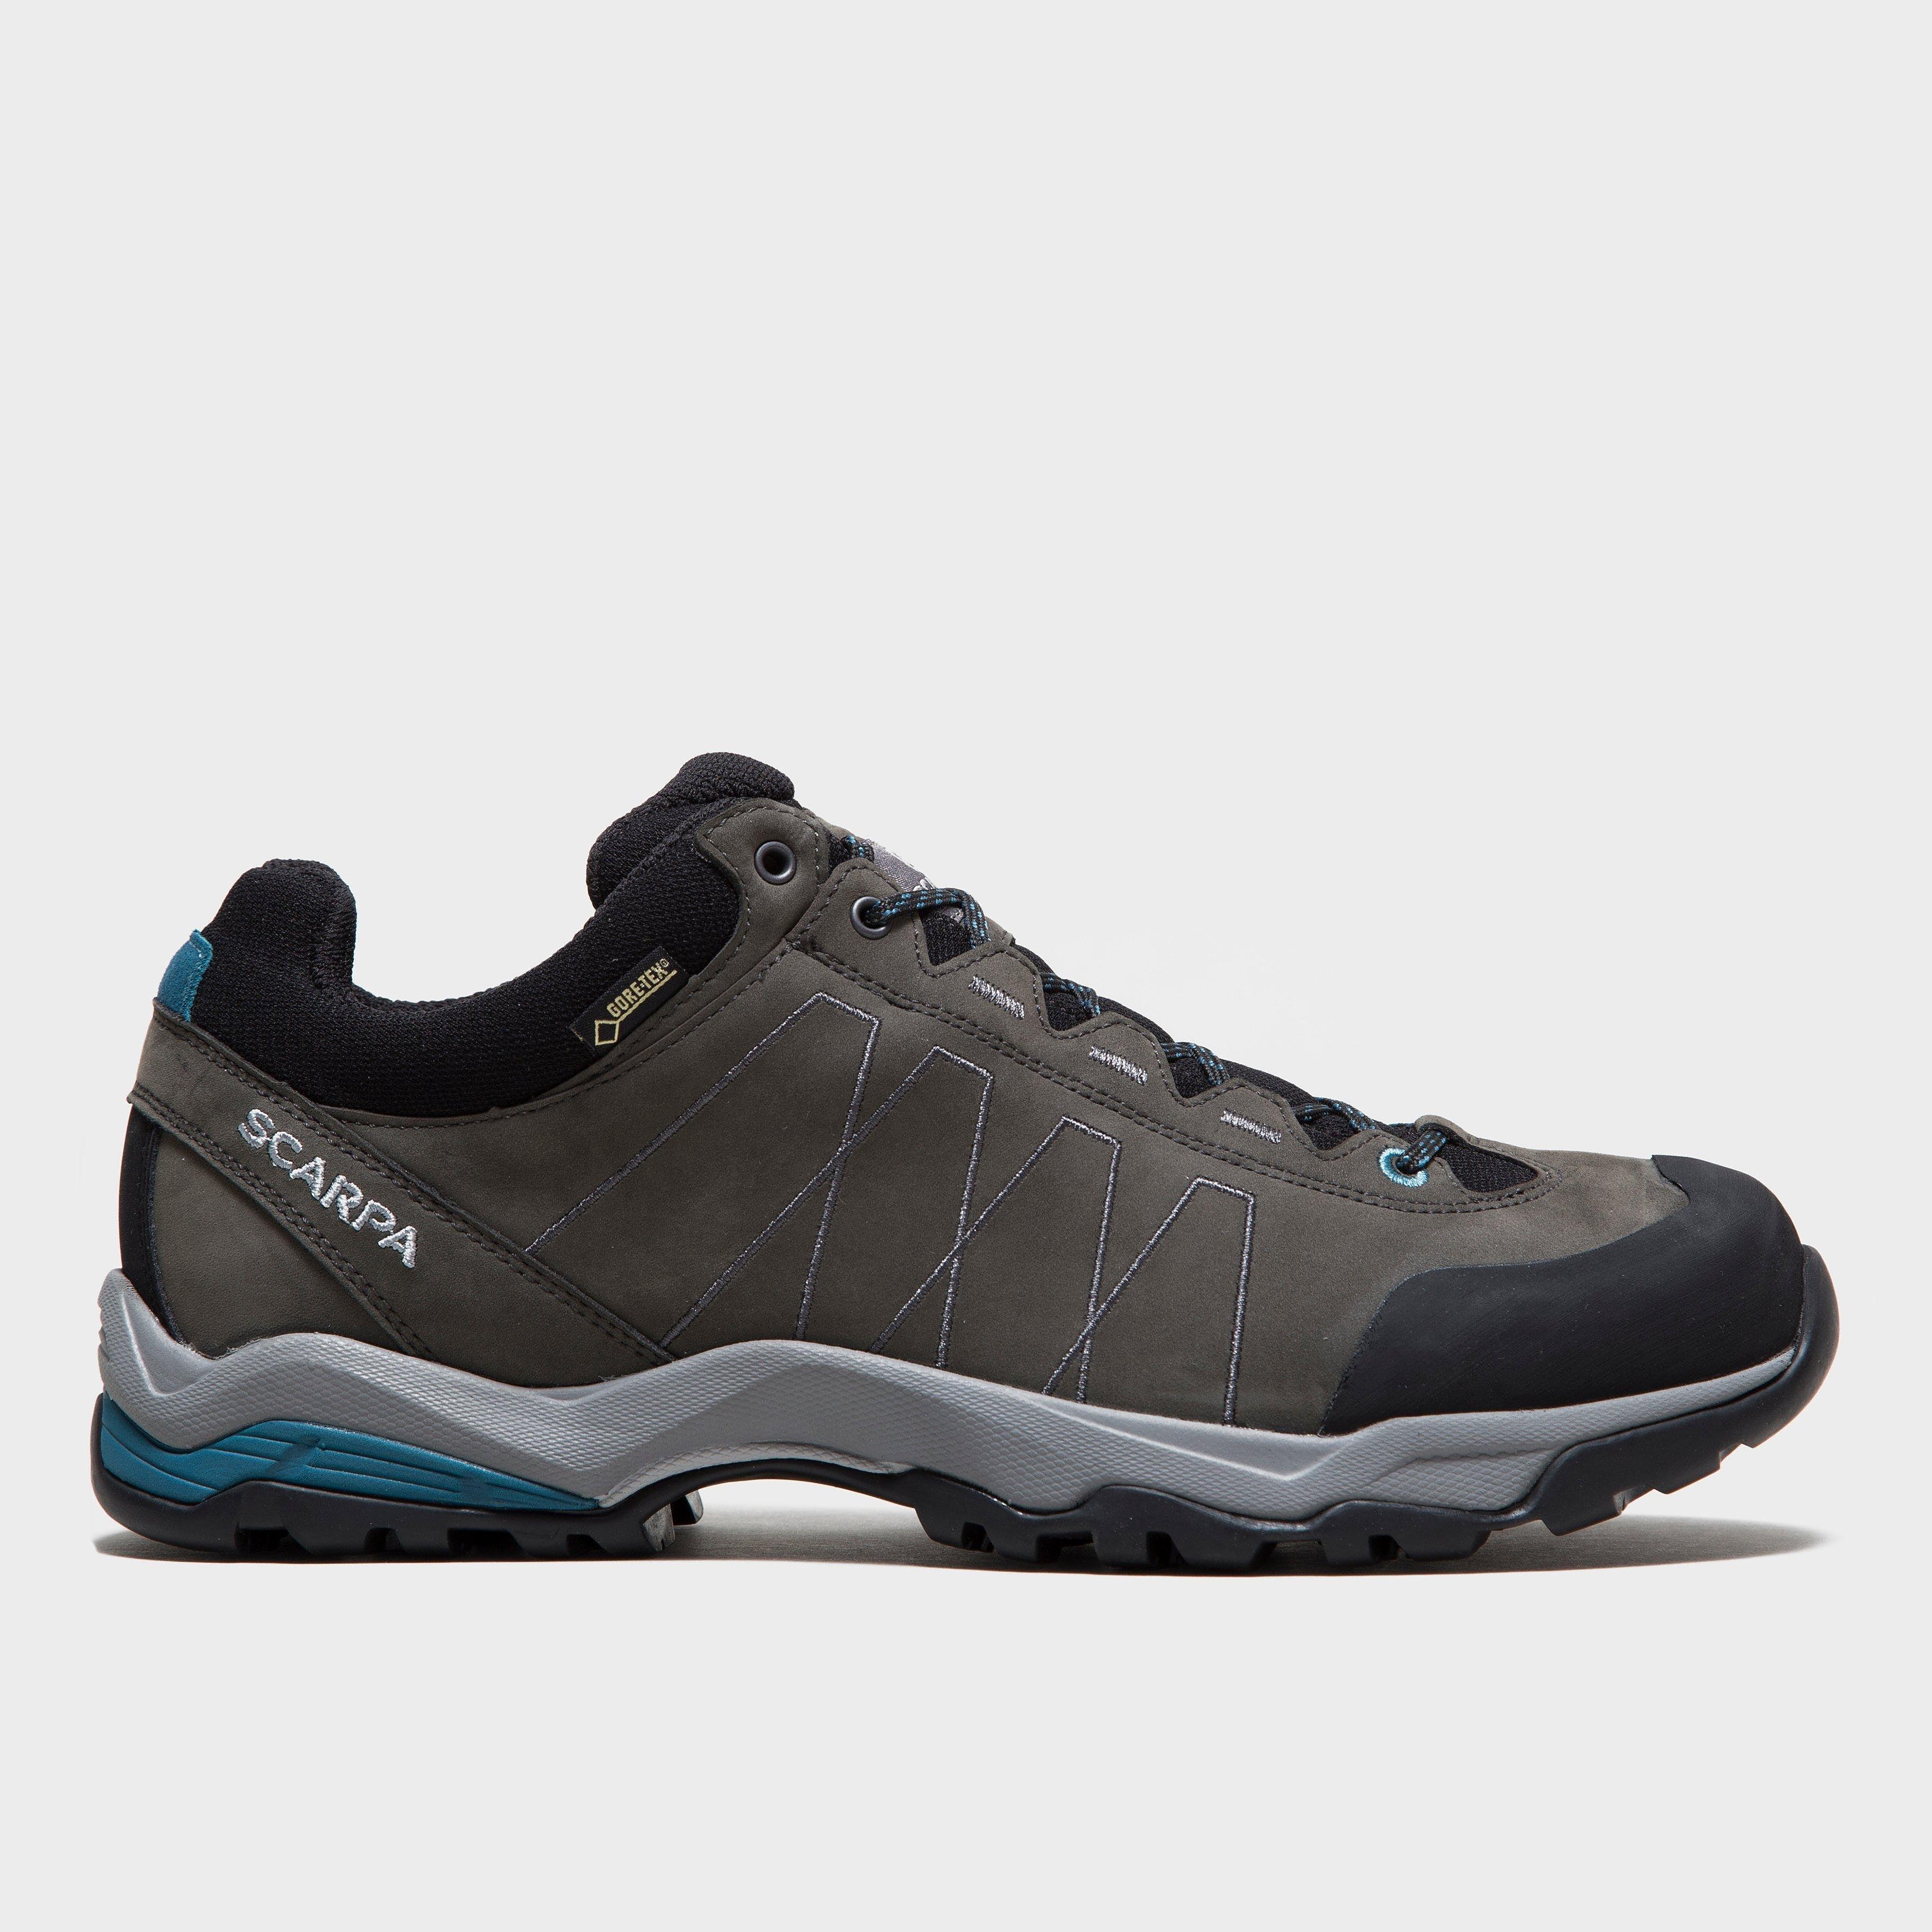 Scarpa Moraine Plus Gore-Tex Approach Men's Walking Shoes